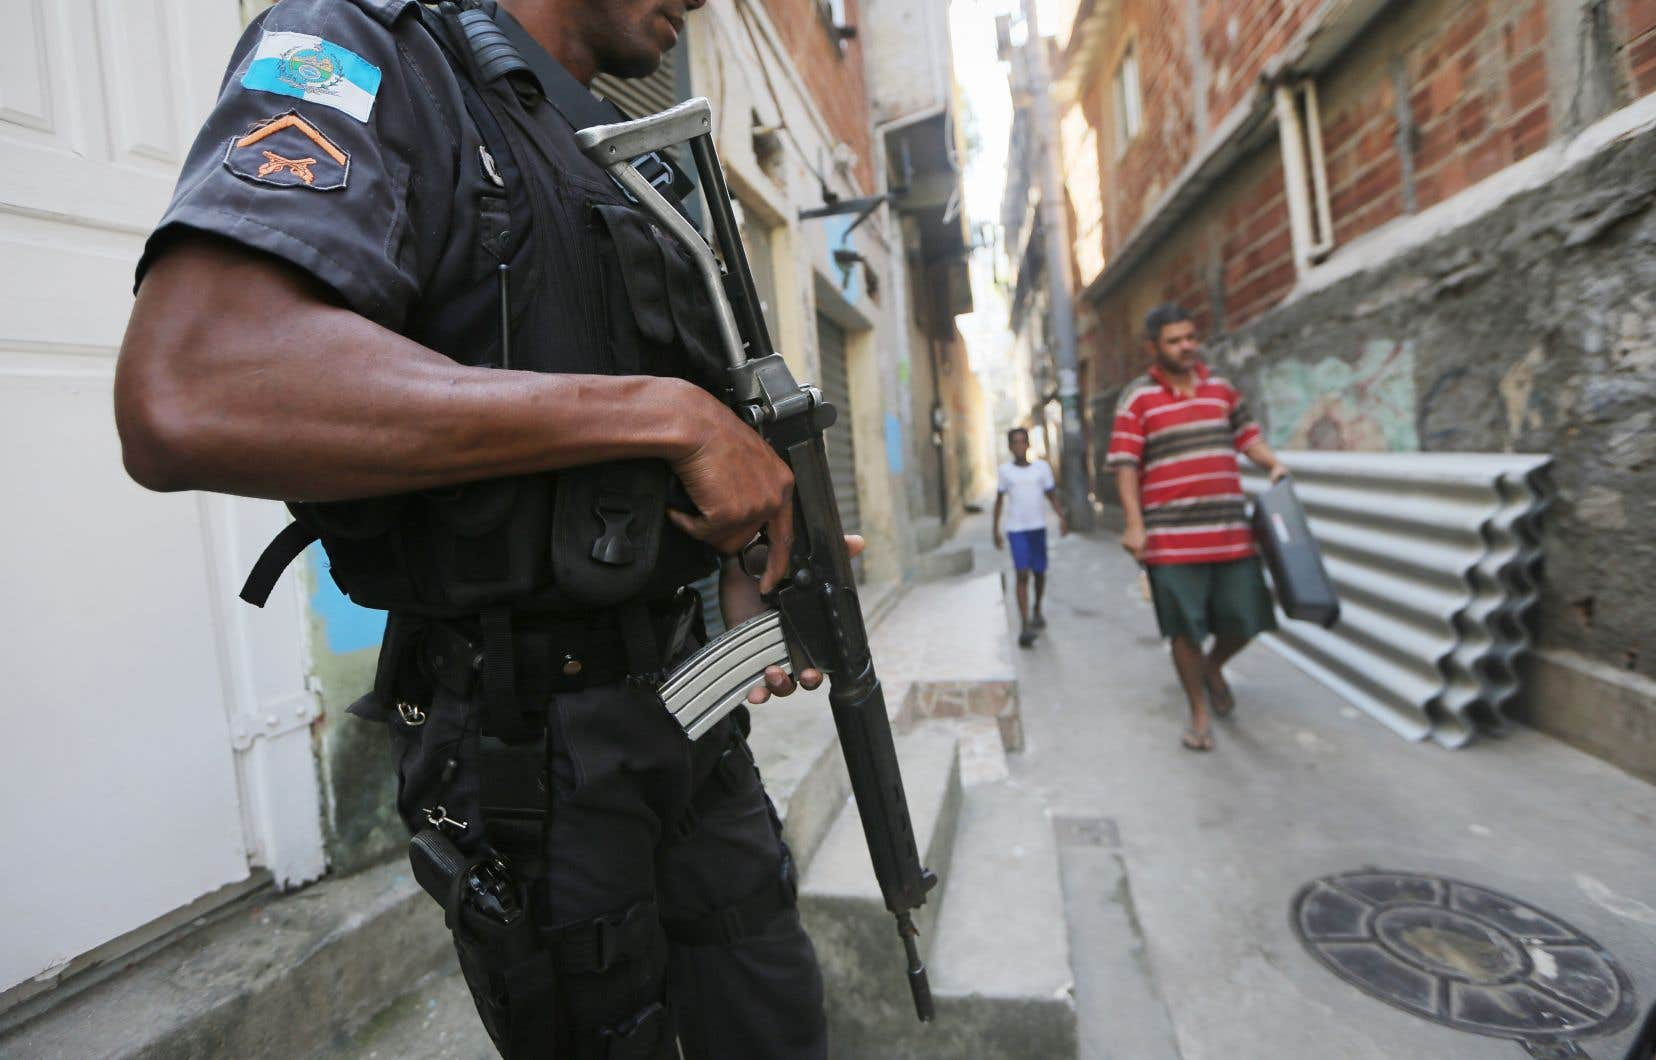 LesUnités de Police Pacificatrice se voulaient unepolice de proximité pour occuper des territoires considérés comme des zones de non-droit, souvent dominés par des narcotrafiquants.